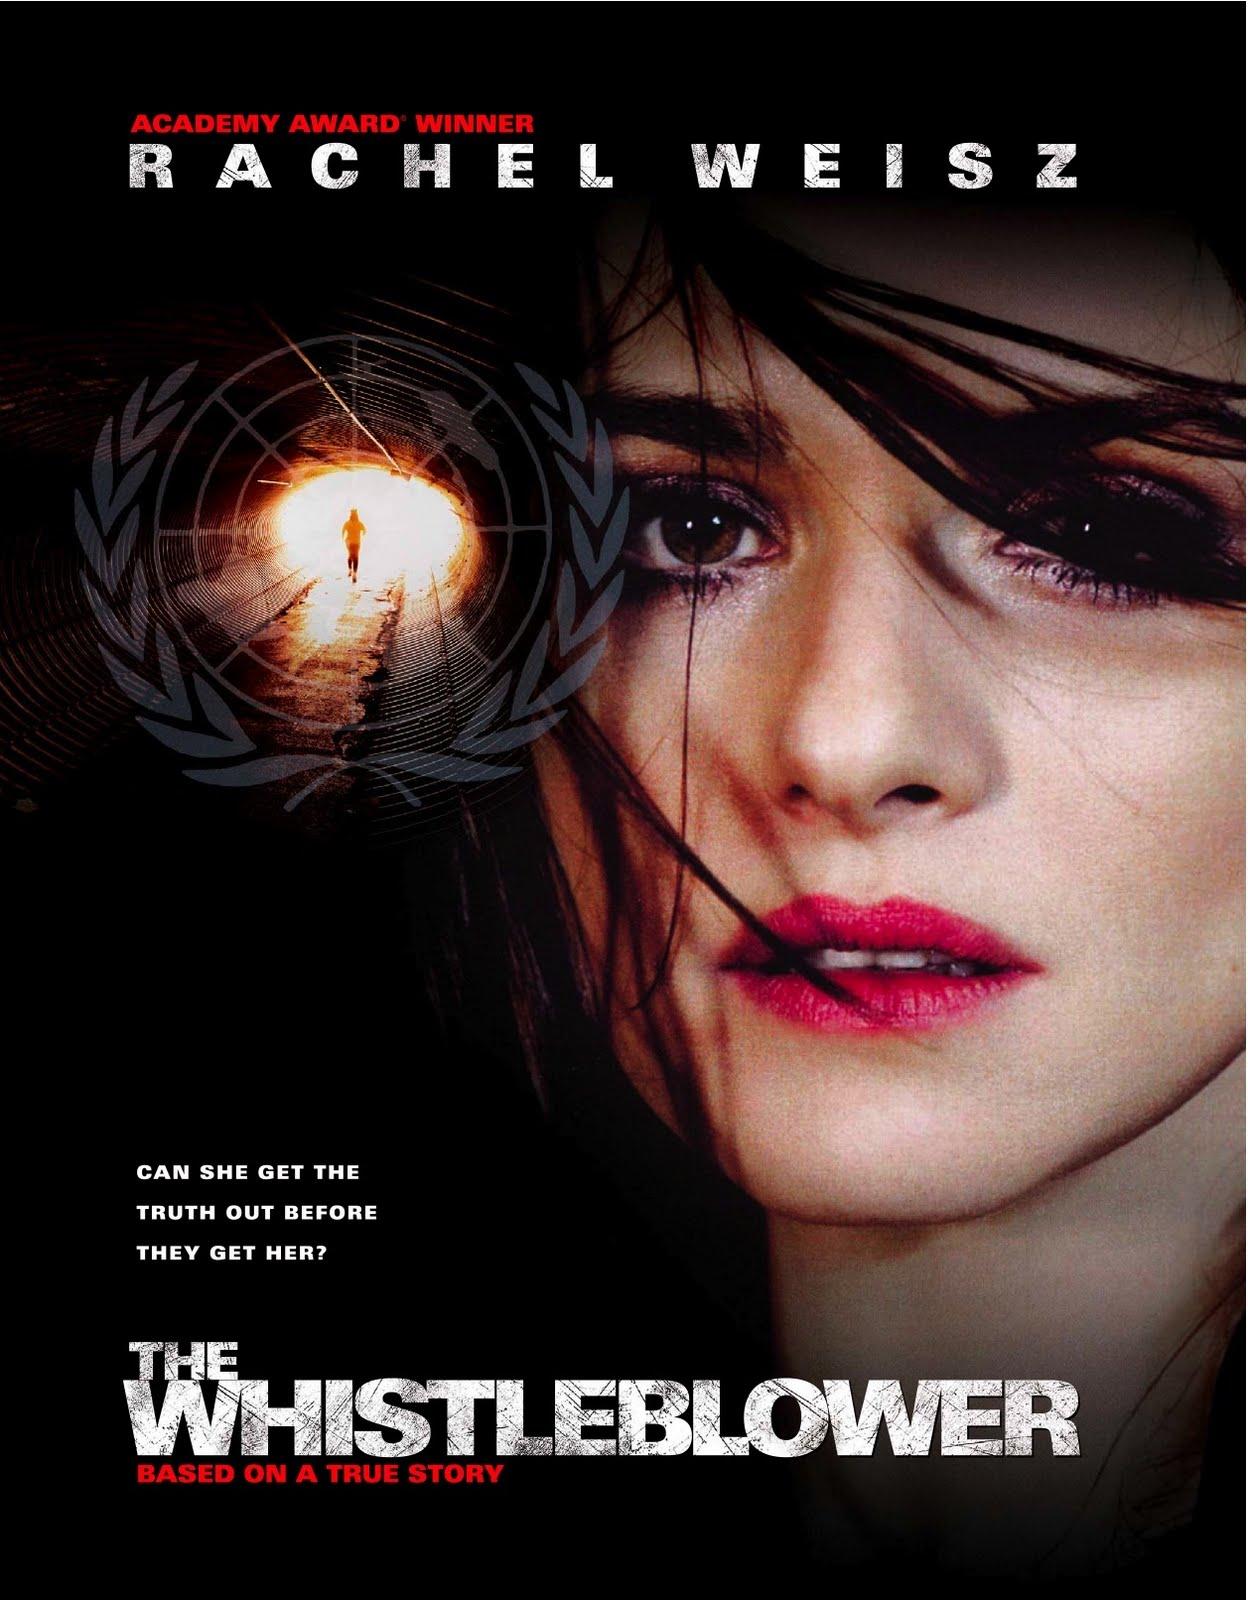 http://3.bp.blogspot.com/--8Sx0BQ-aic/Tk1RcJQHF_I/AAAAAAAAAGE/7GuCtkhXQvc/s1600/whistleblower.jpg